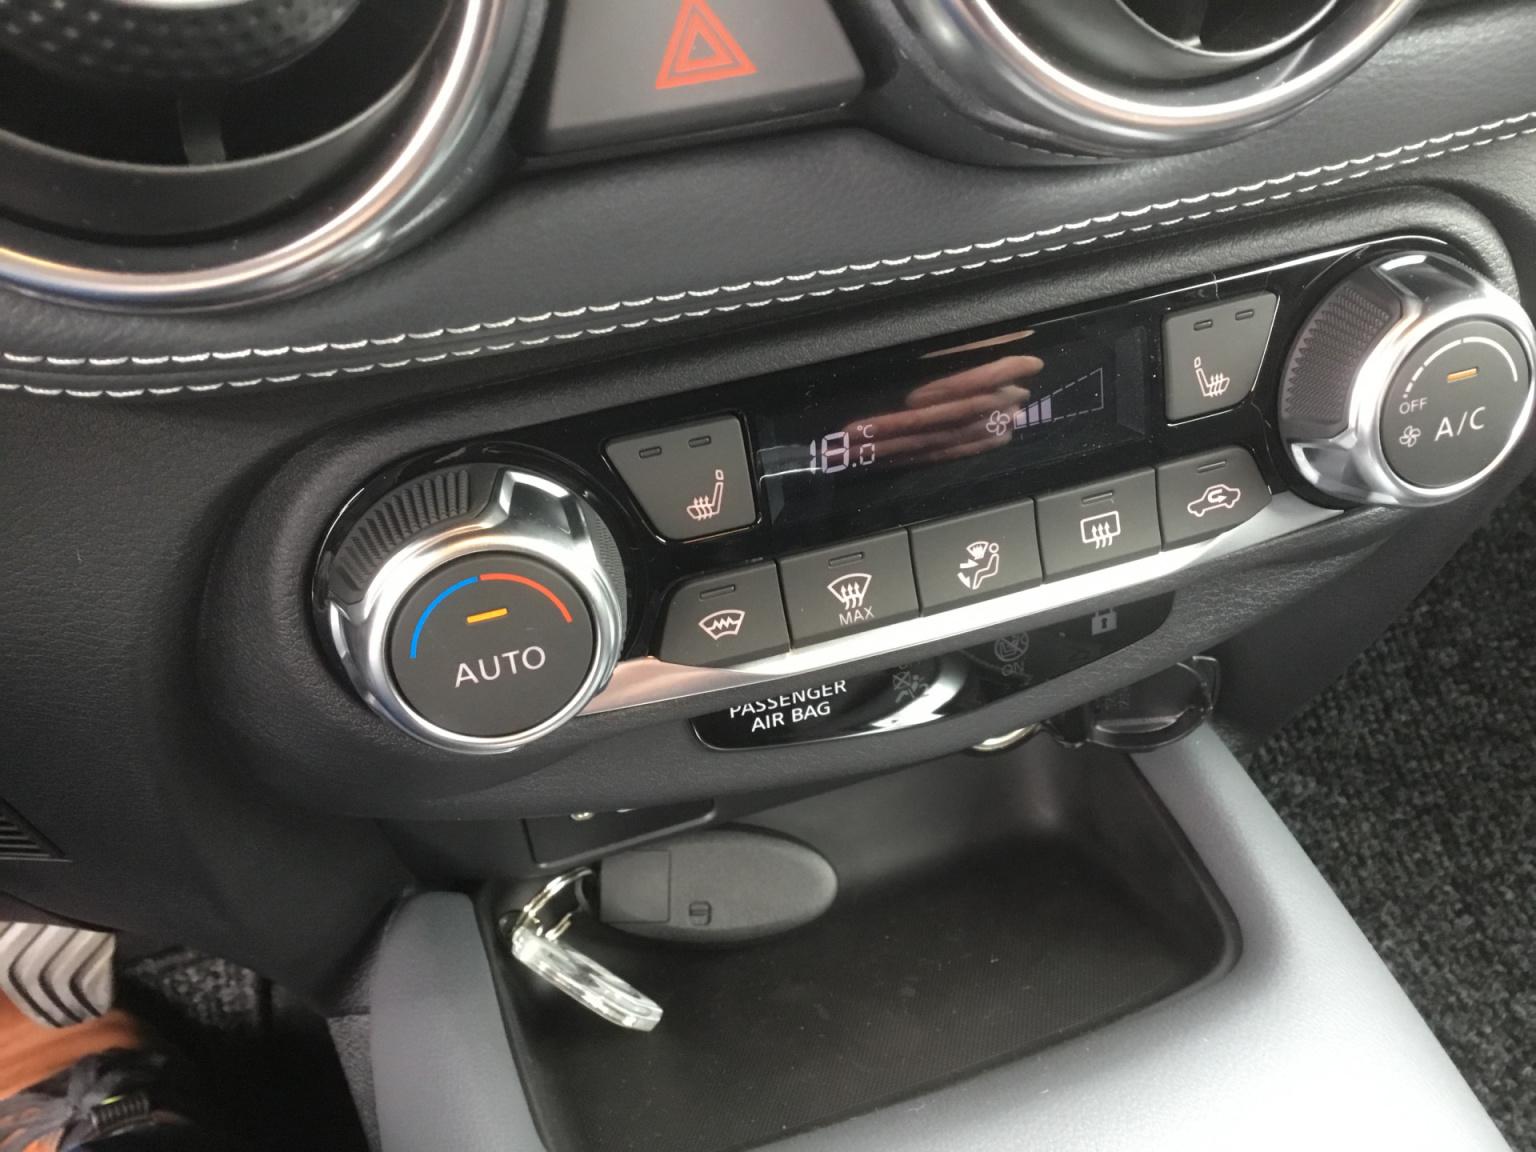 Nissan-Juke-23